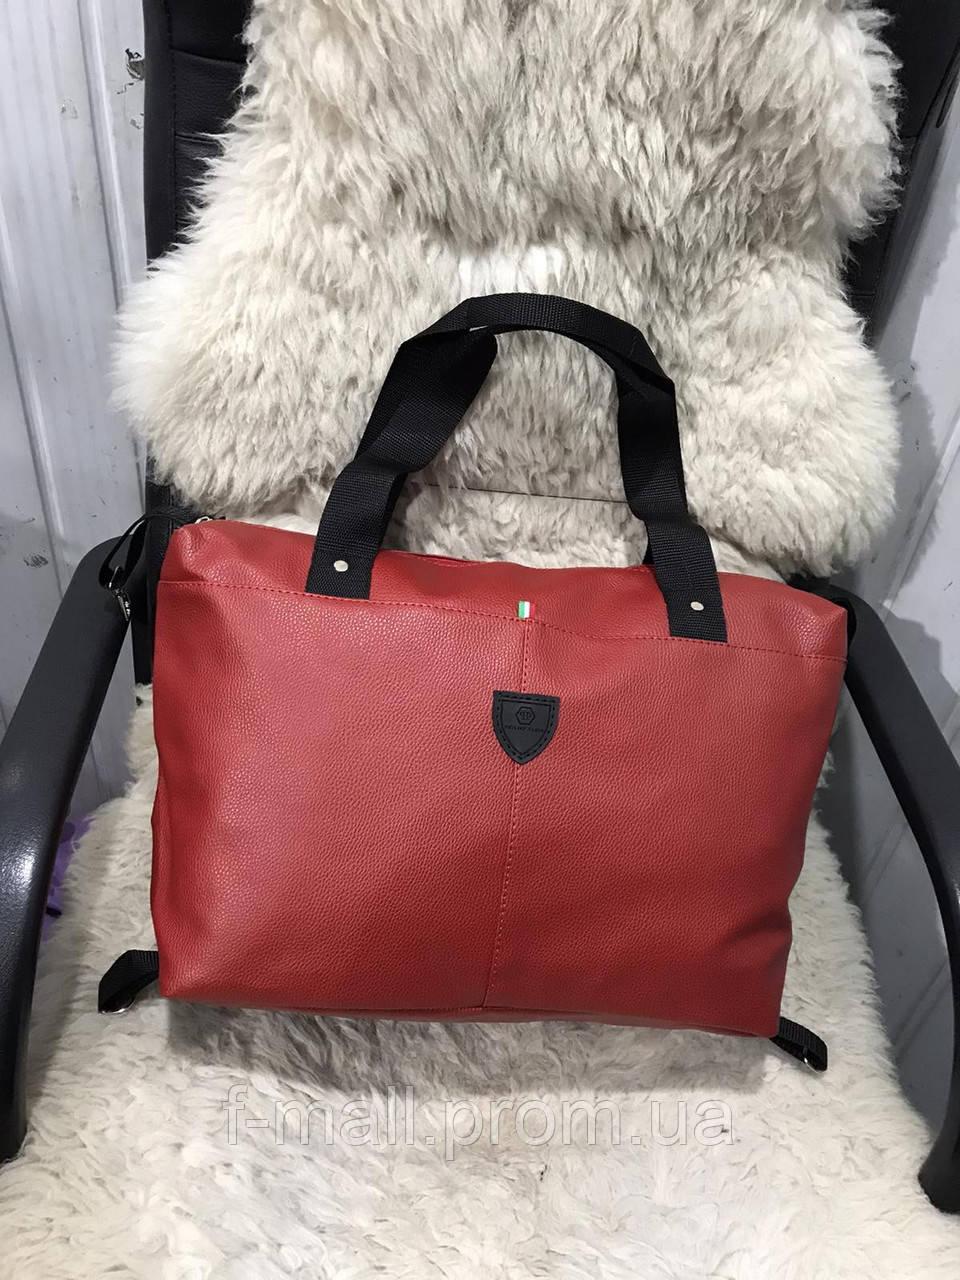 Женская дорожная сумка искусственная кожа красная